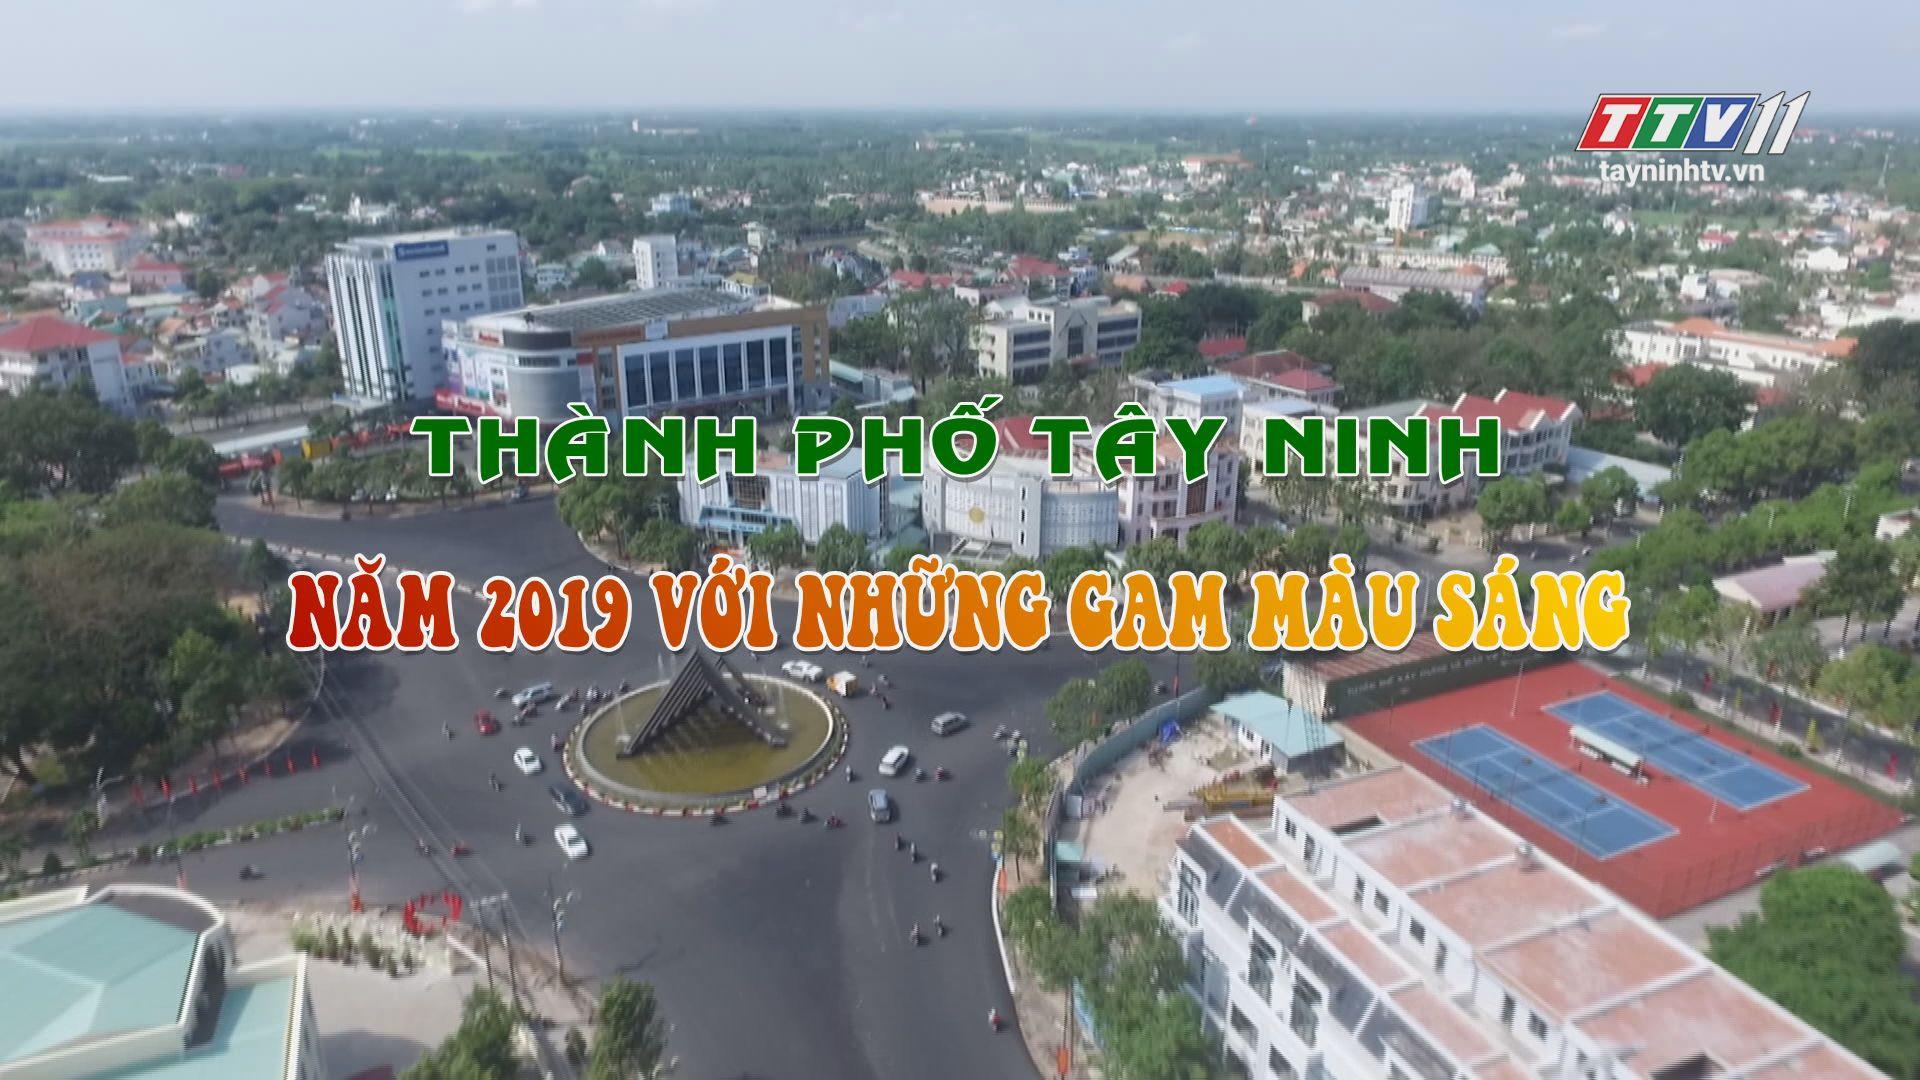 Thành phố Tây Ninh năm 2019 với những gam màu sáng | THÔNG TIN TỪ CƠ  SỞ | TayNinhTV